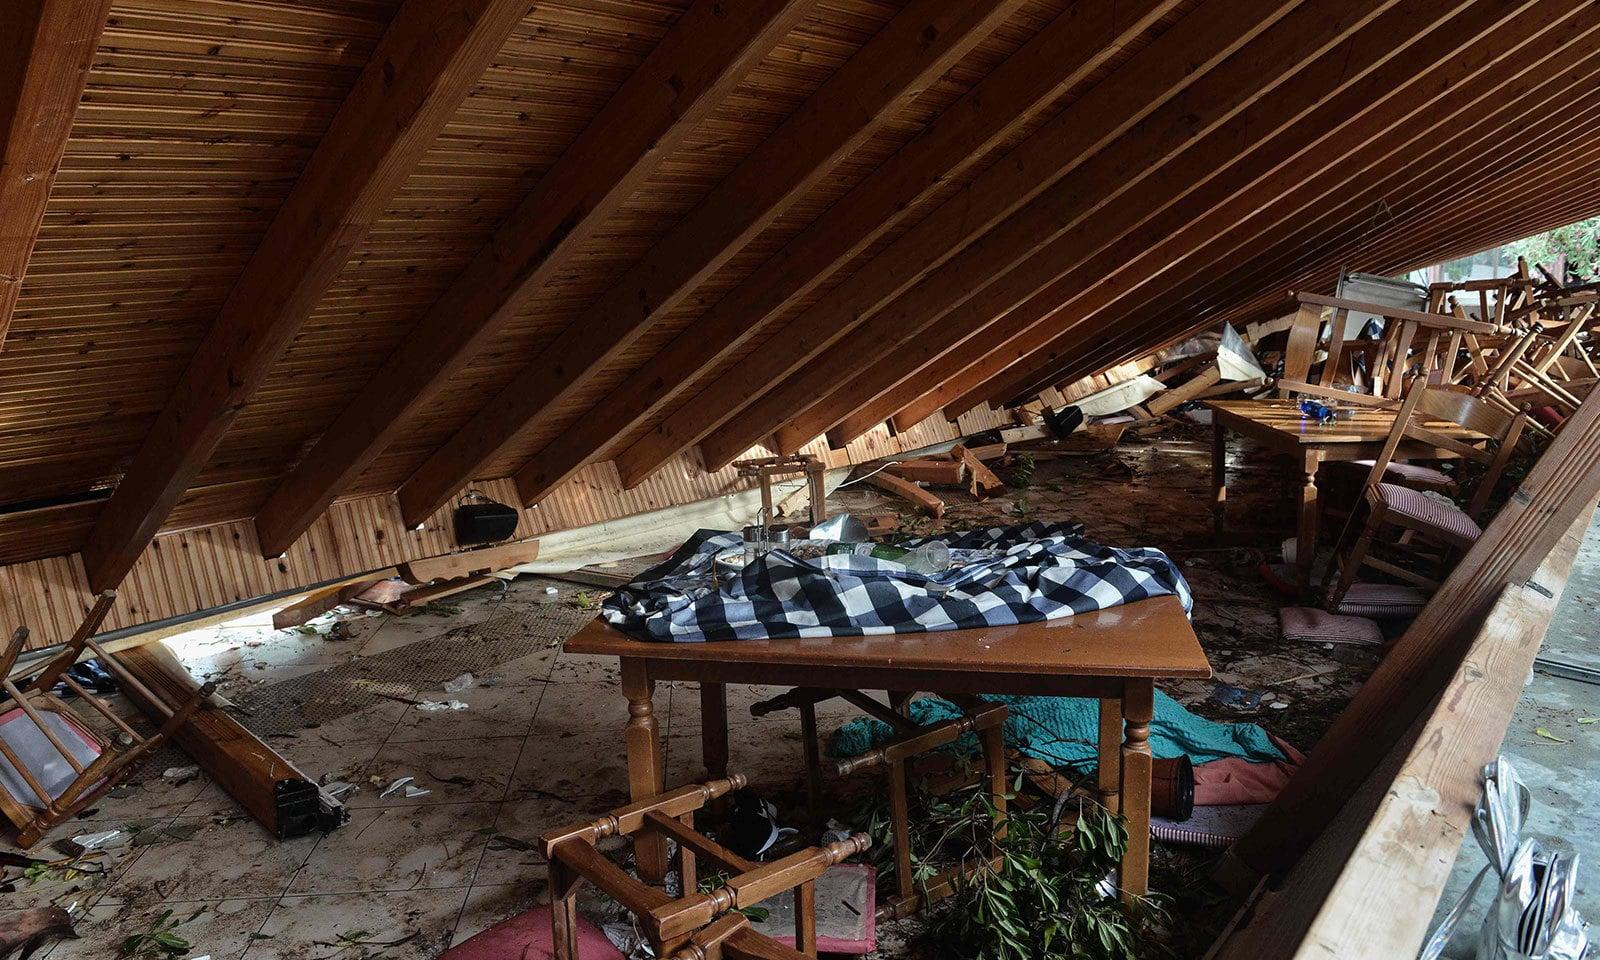 طوفان سے عمارتوں کو شدید نقصان ہوا — فوٹو: اے ایف پی